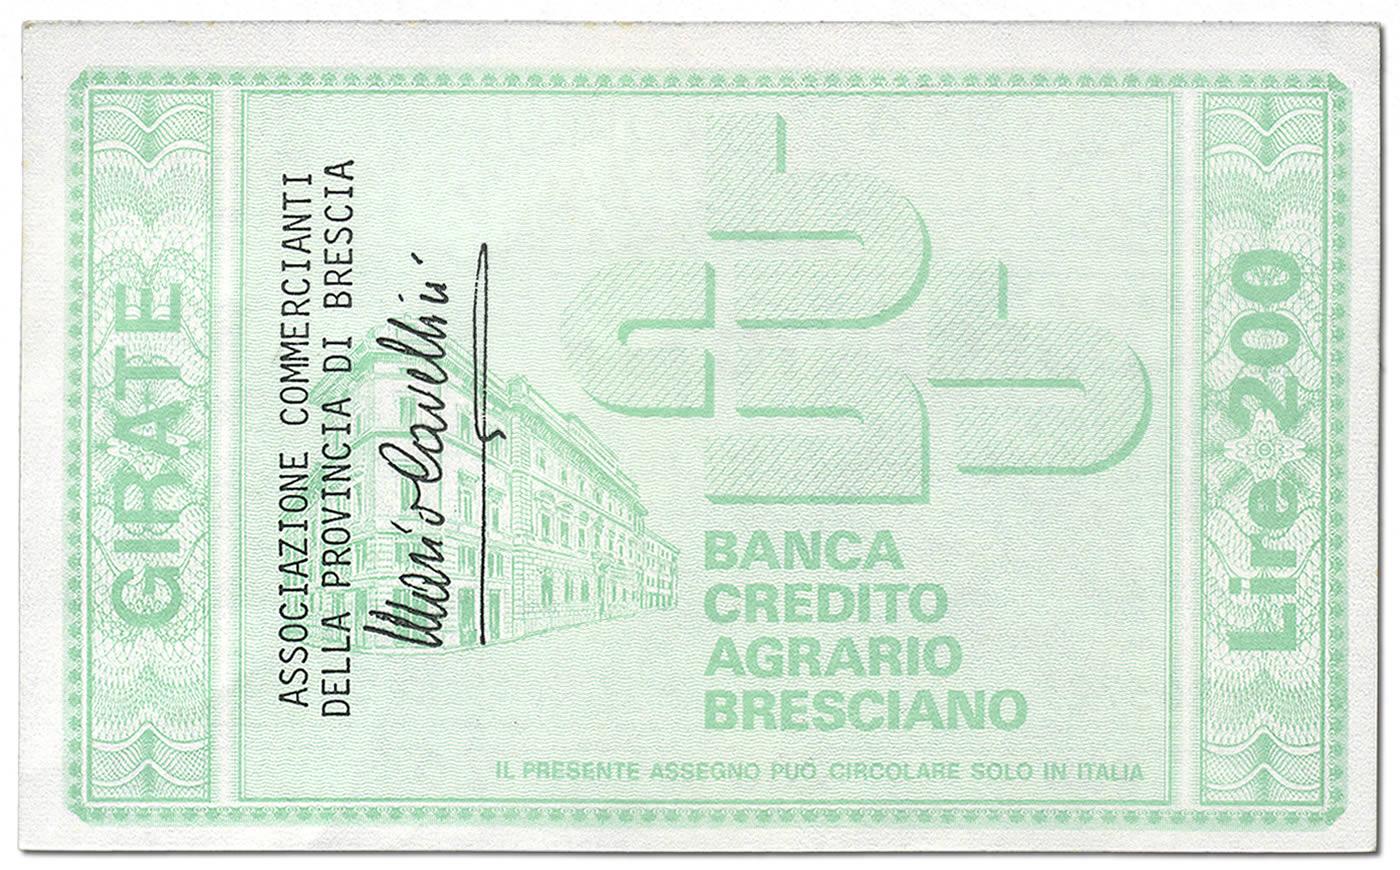 Lire 200, retro. Miniassegno Banca di Credito Agrario Bresciano